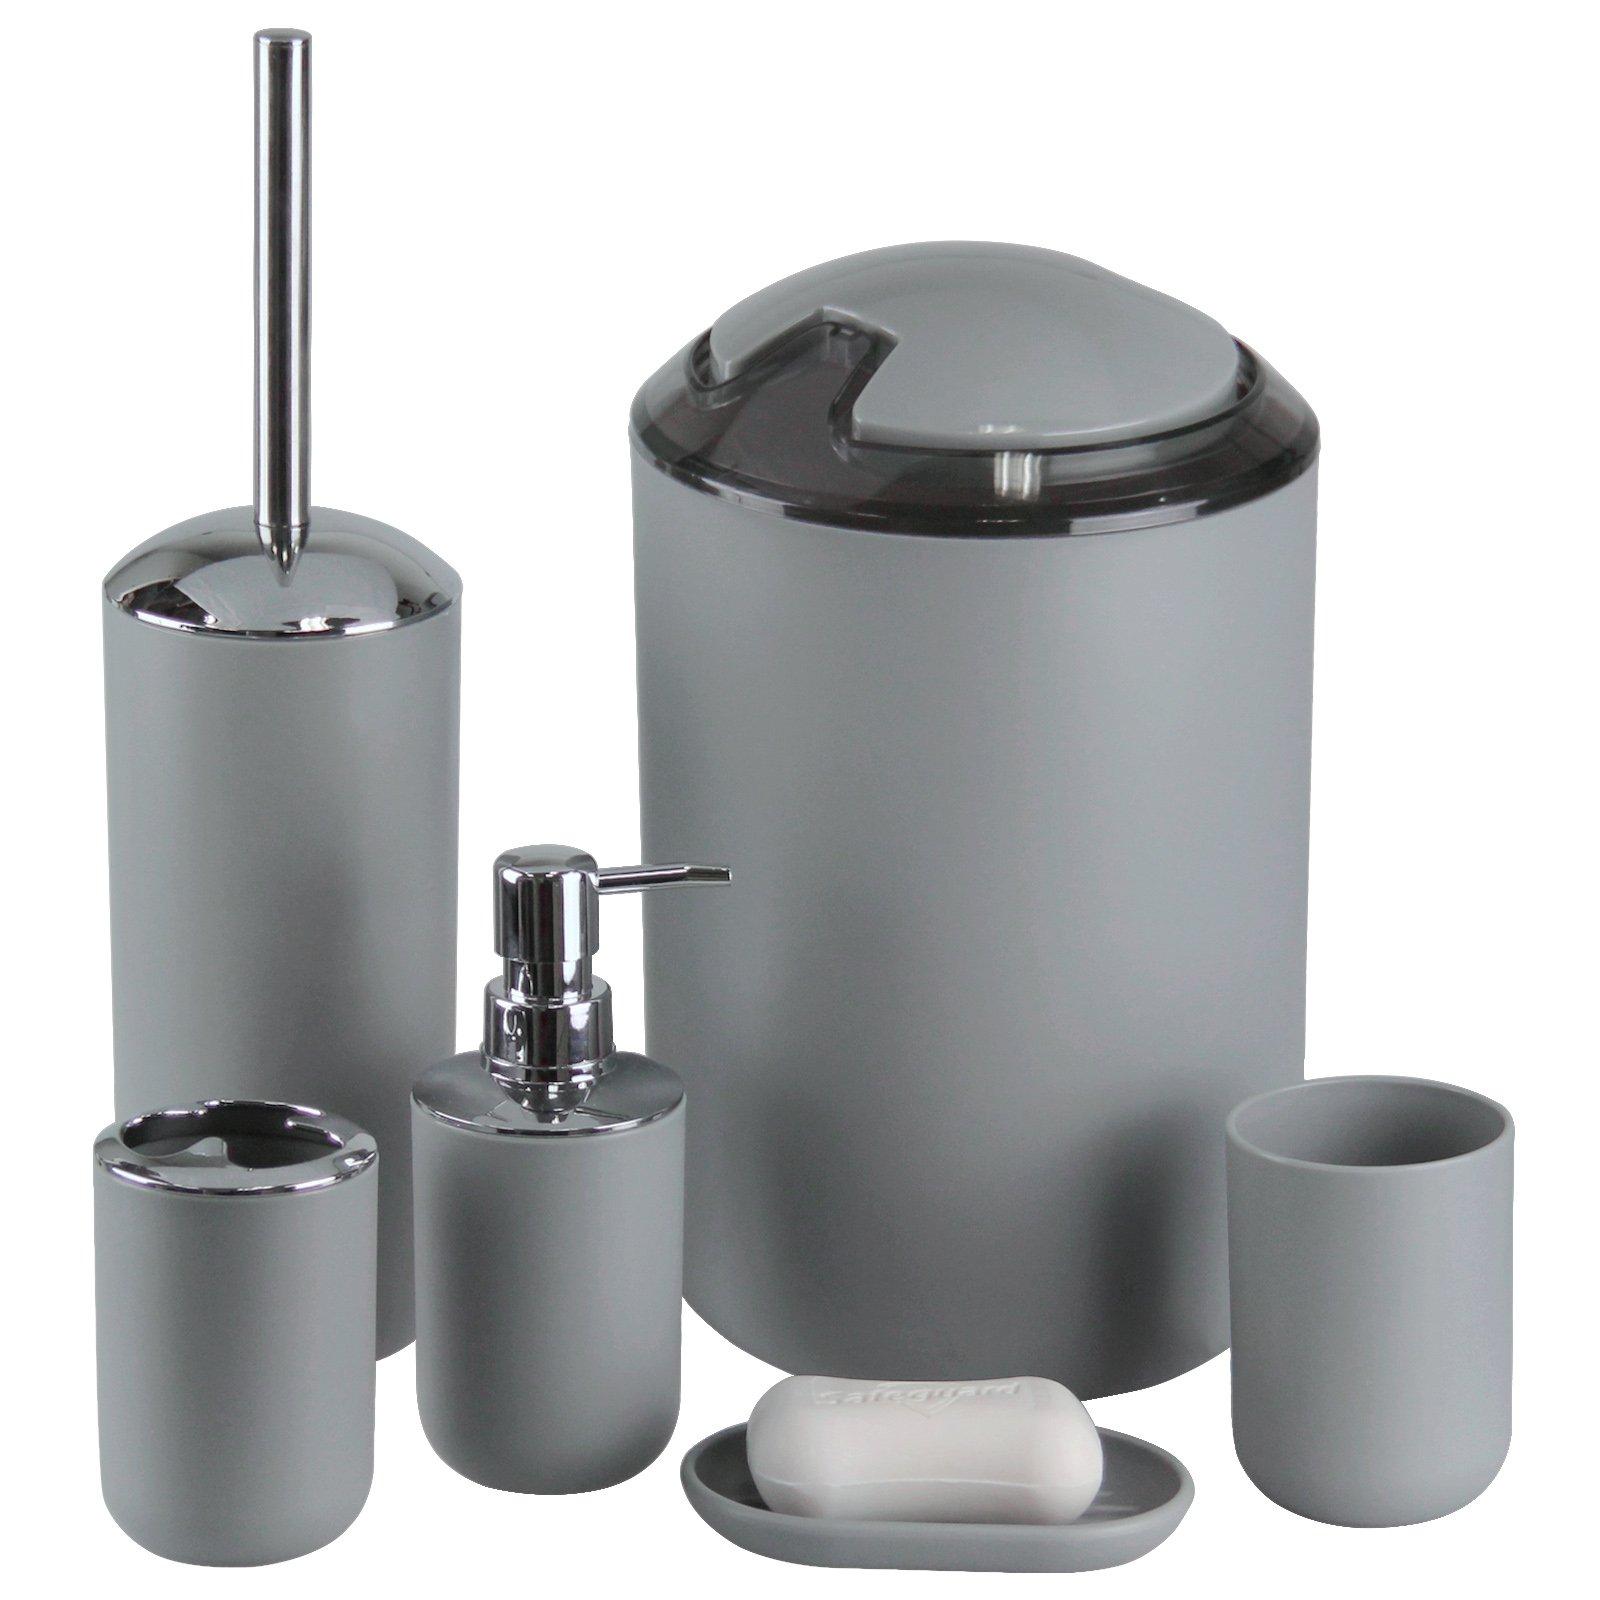 Imavo bathroom accessories set 6 pcs plastic gift set - Bathroom accessories soap dispenser ...